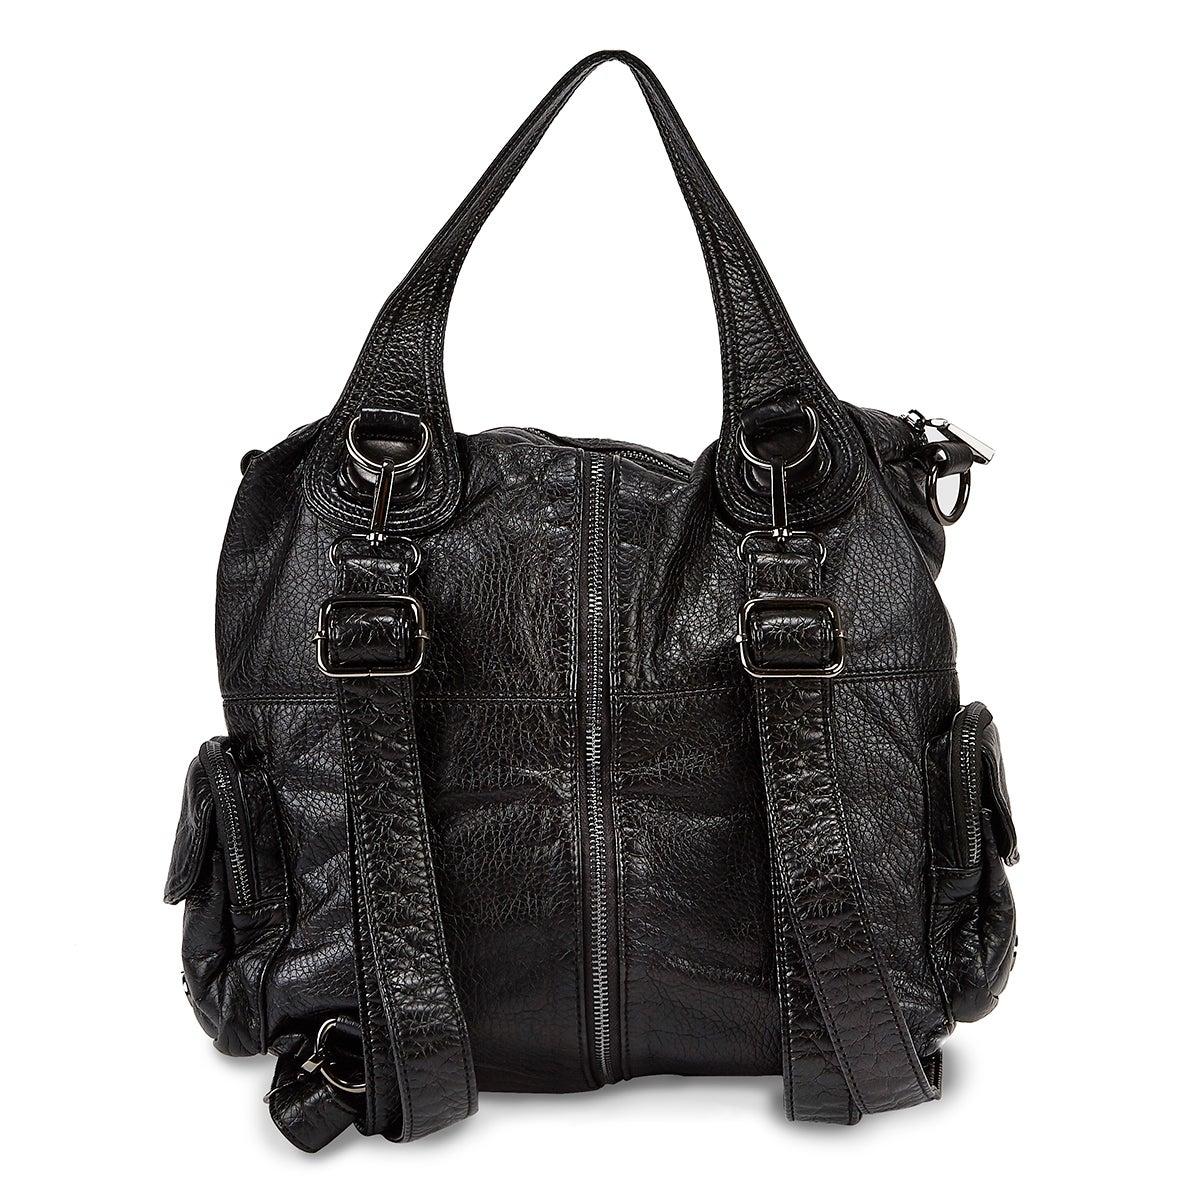 Lds black washed convert. backpack